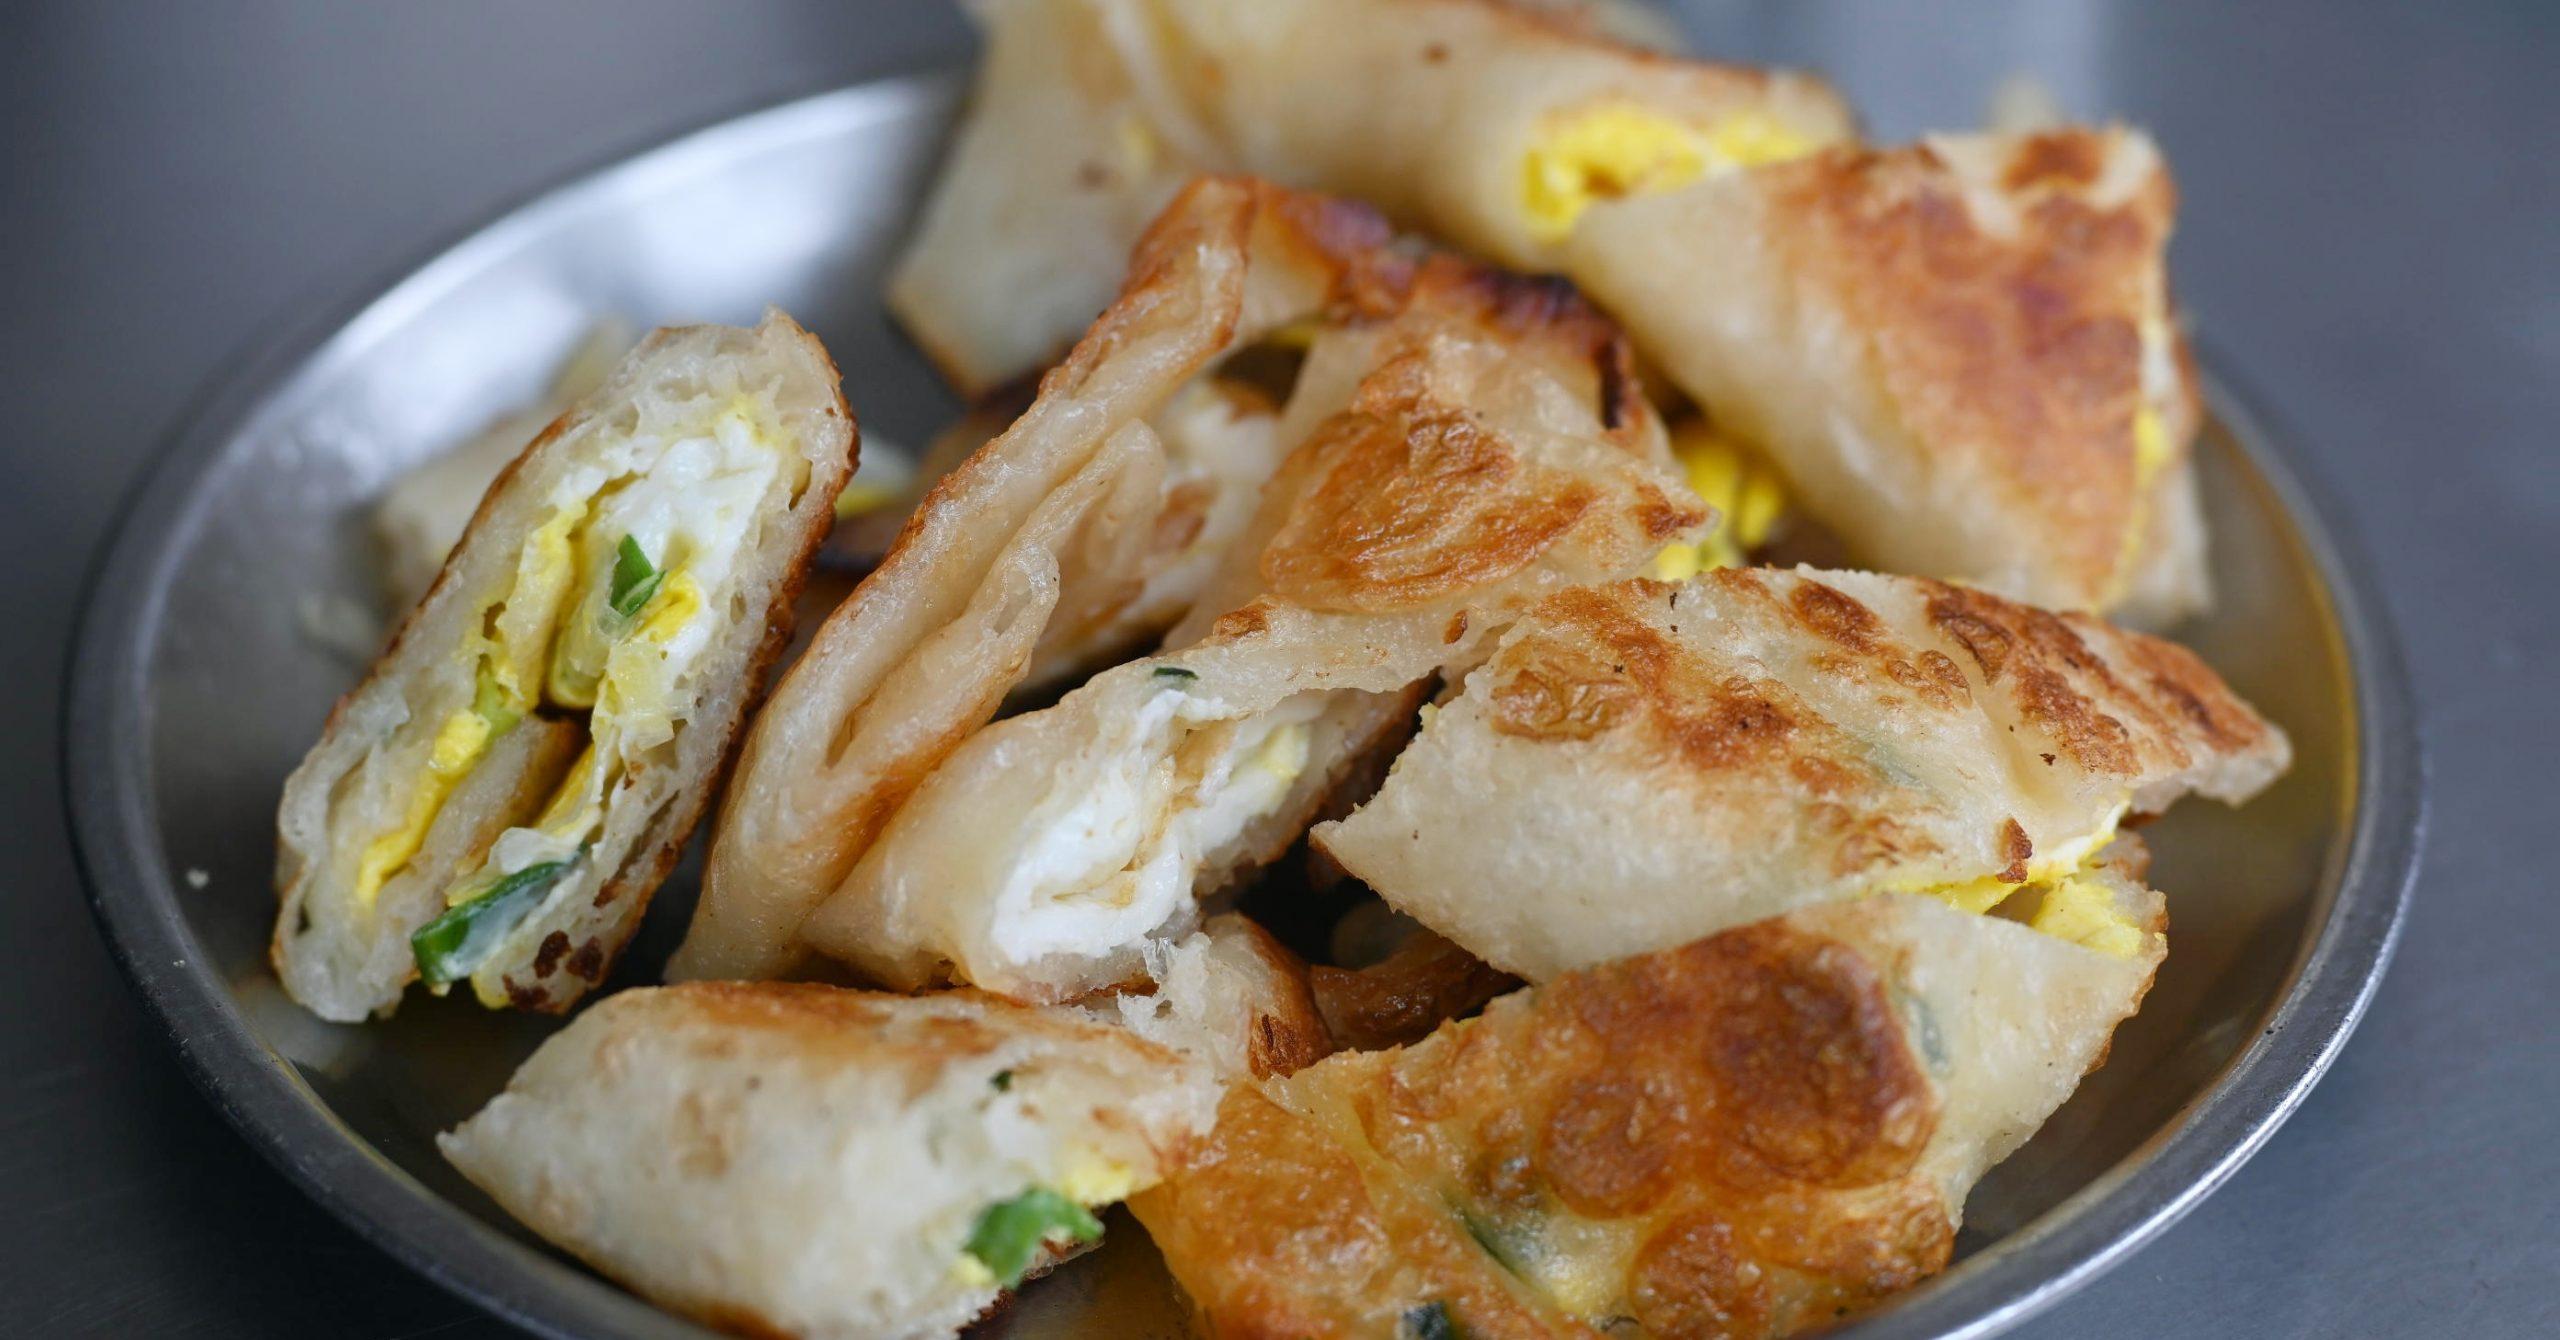 即時熱門文章:【大橋頭美食】無名豆漿蛋餅,超級酥脆的蛋餅(專家豆漿米漿)